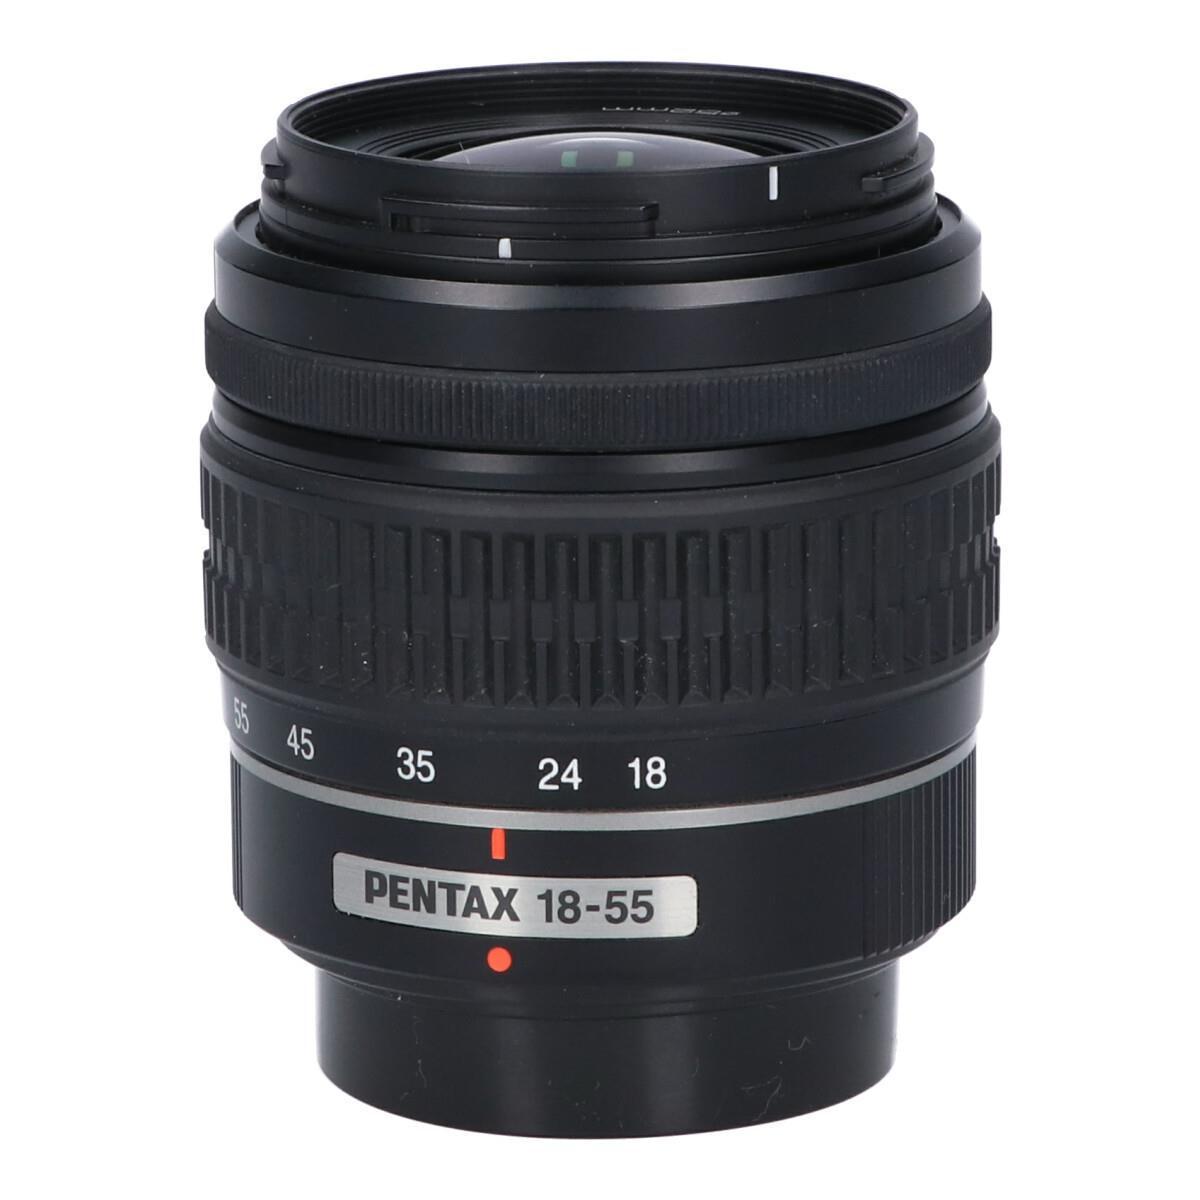 PENTAX DAL18-55mm F3.5-5.6AL